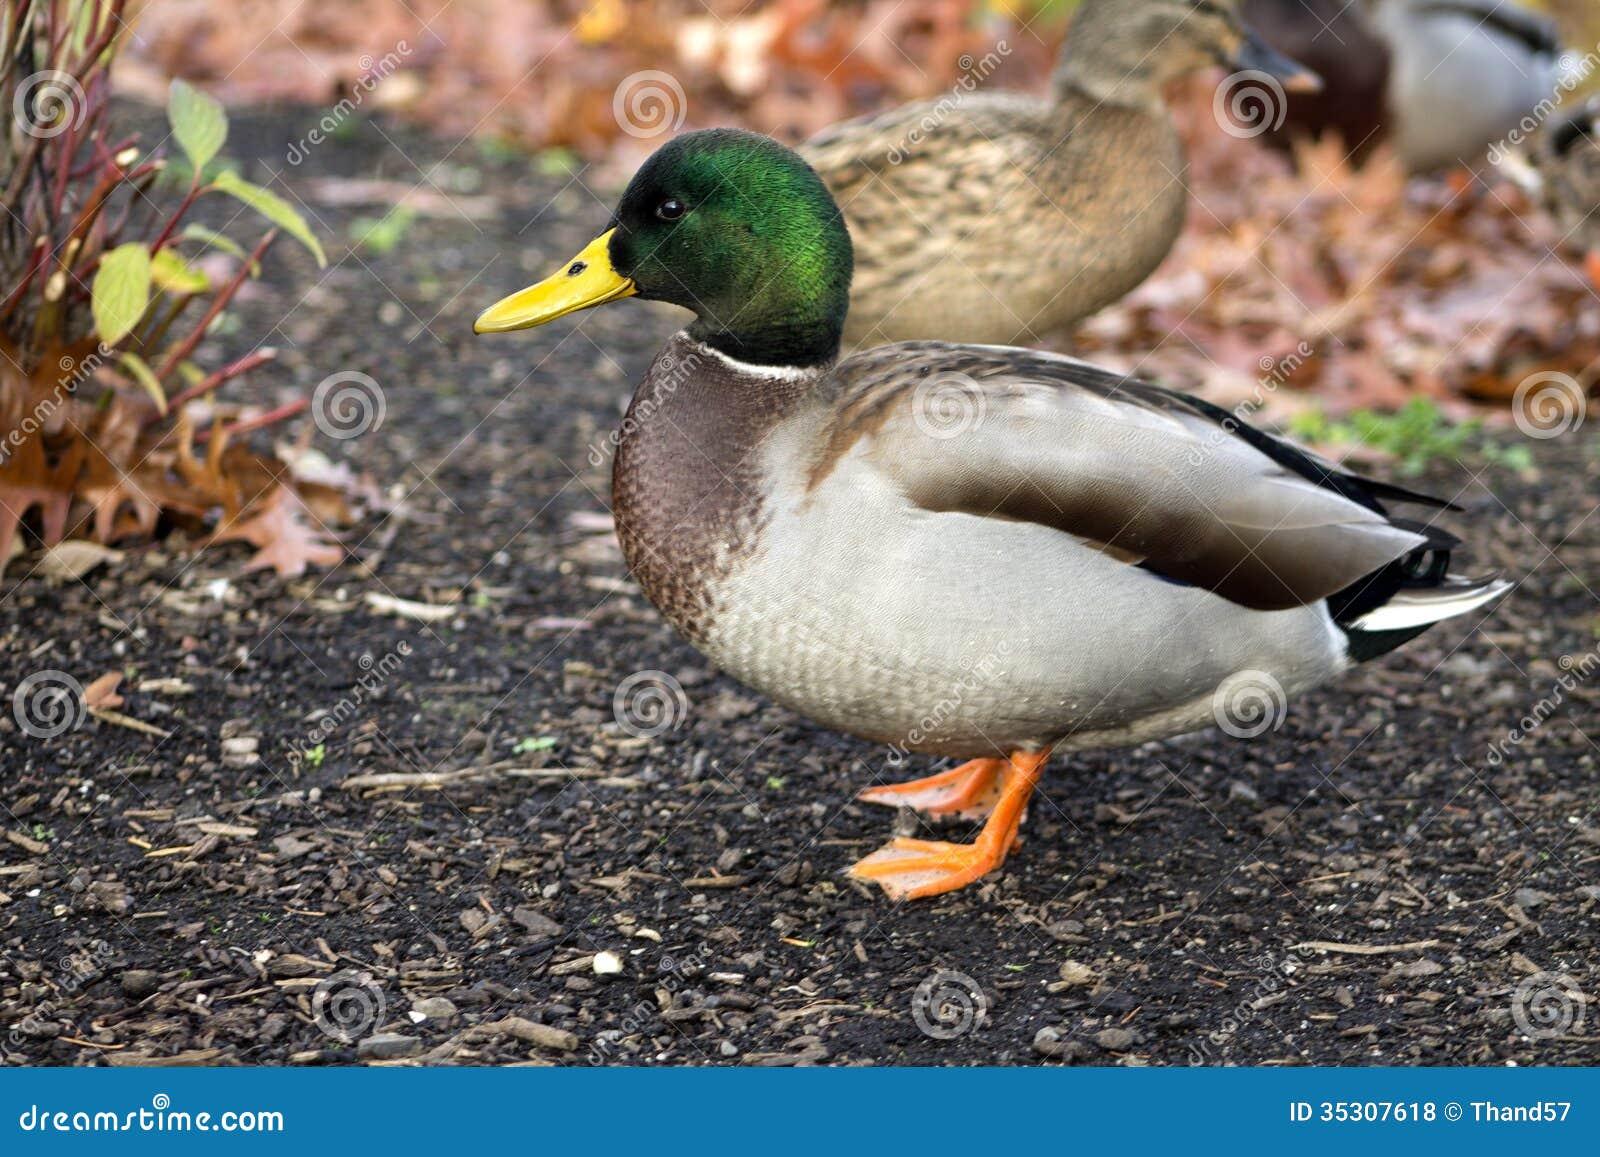 Male Duck posing